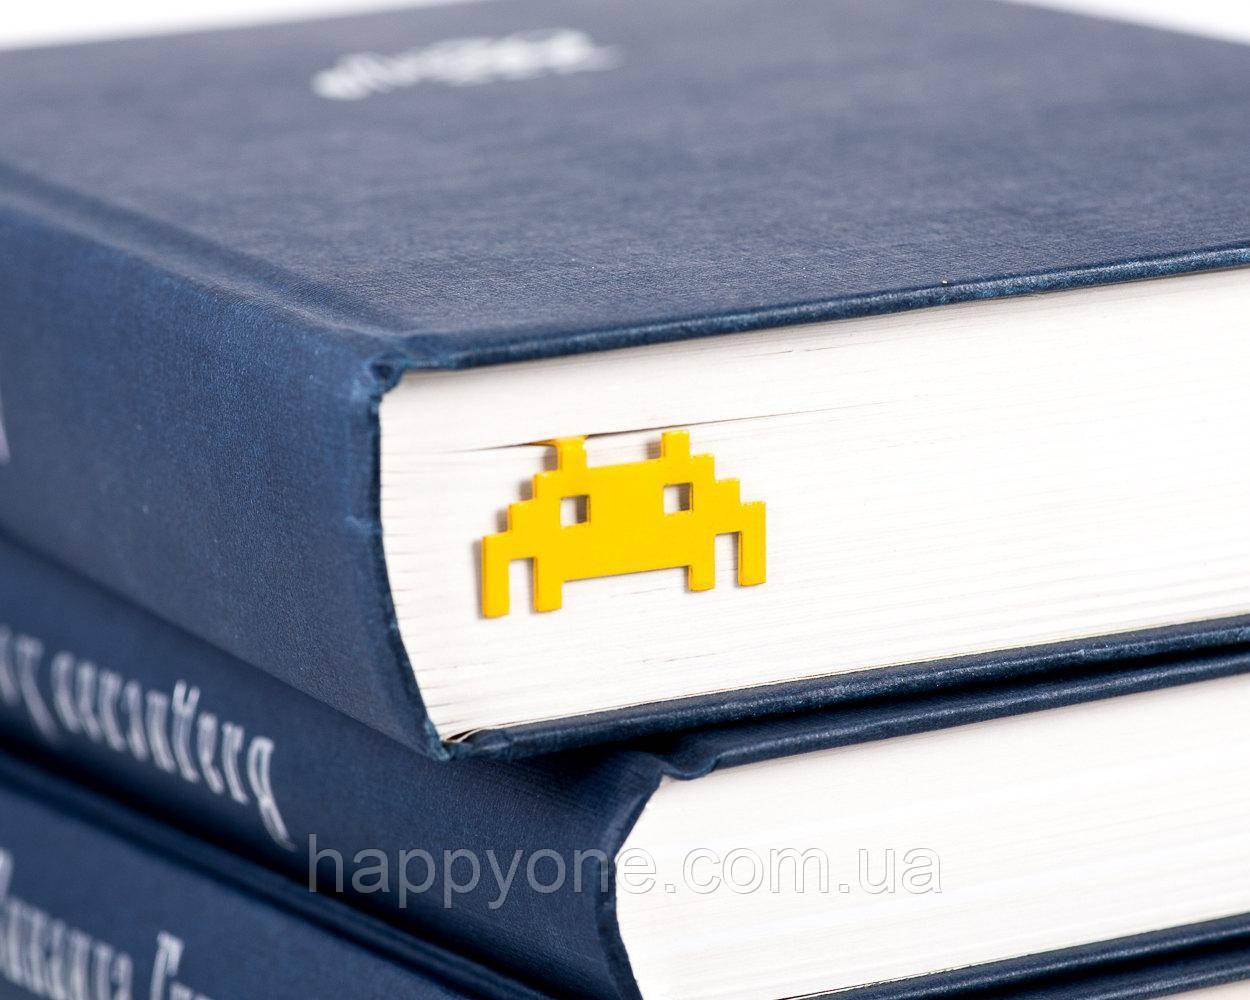 Закладка для книг Ретро Монстр